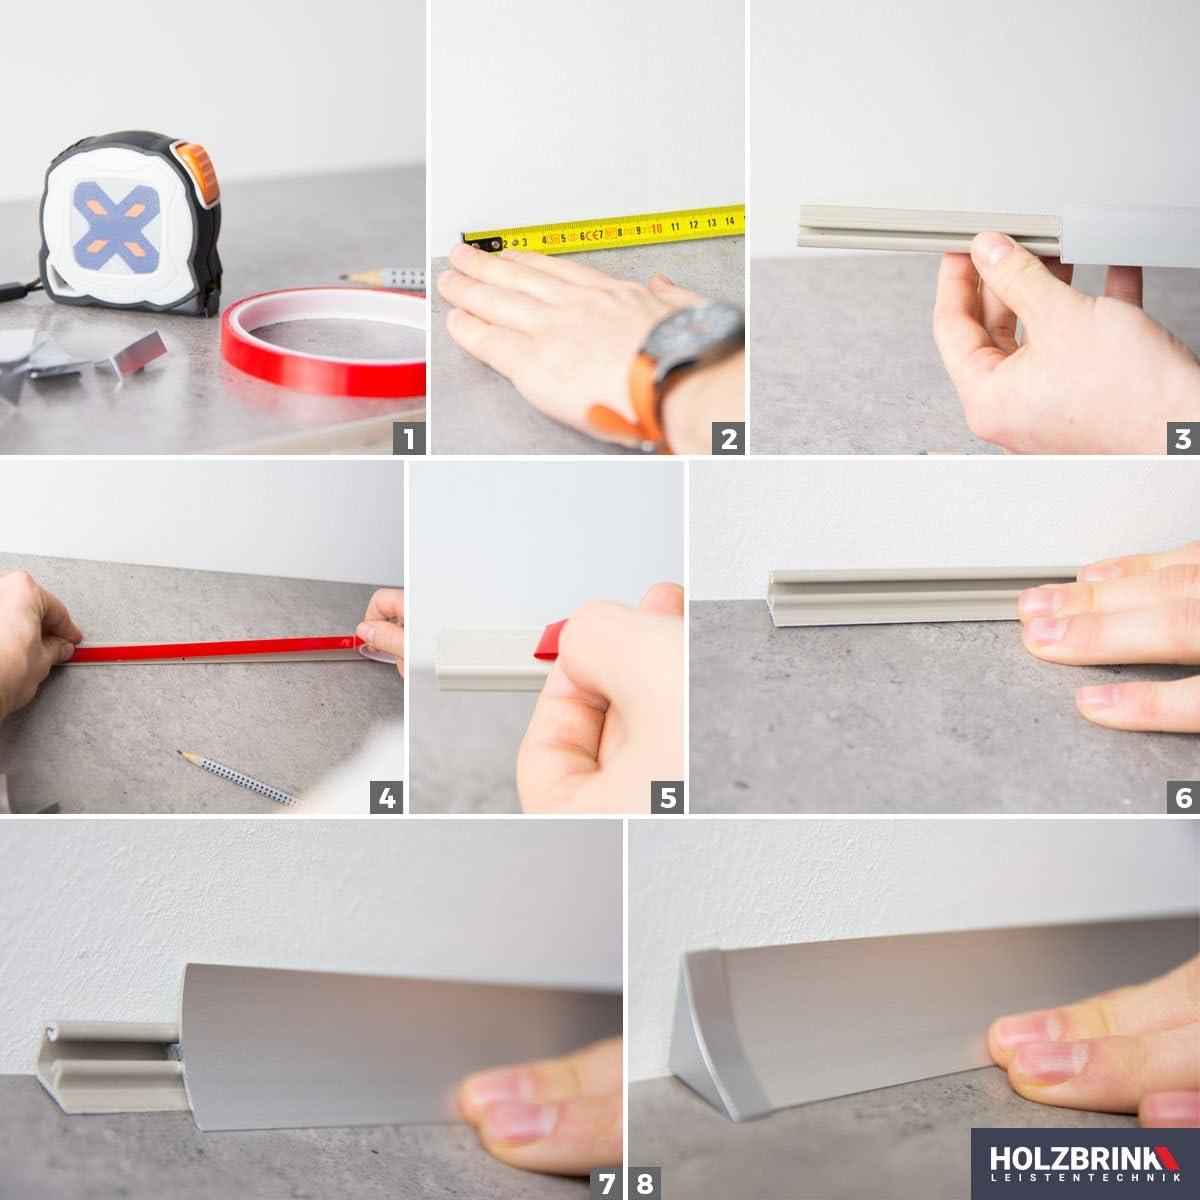 HOLZBRINK K/üchenabschlussleiste Alu Silber K/üchenleiste PVC Wandabschlussleiste Arbeitsplatten 23x23 mm 150 cm